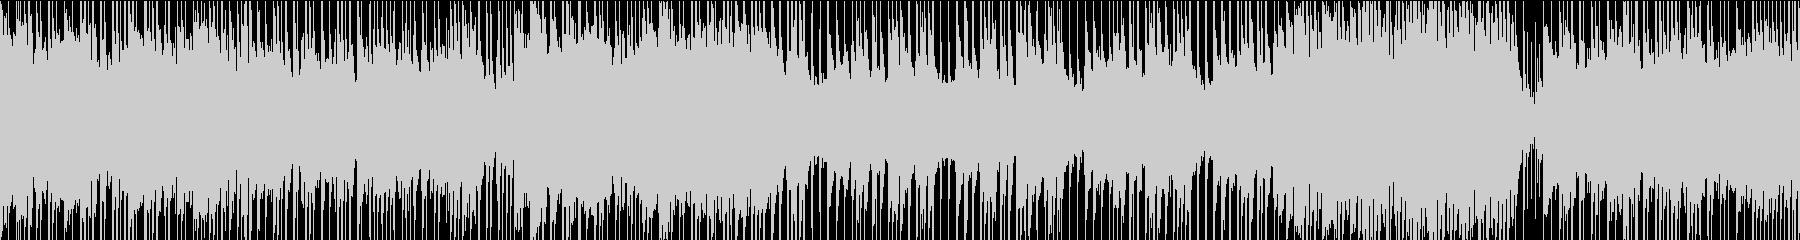 ロック/激しい/重い/疾走感/ループの未再生の波形